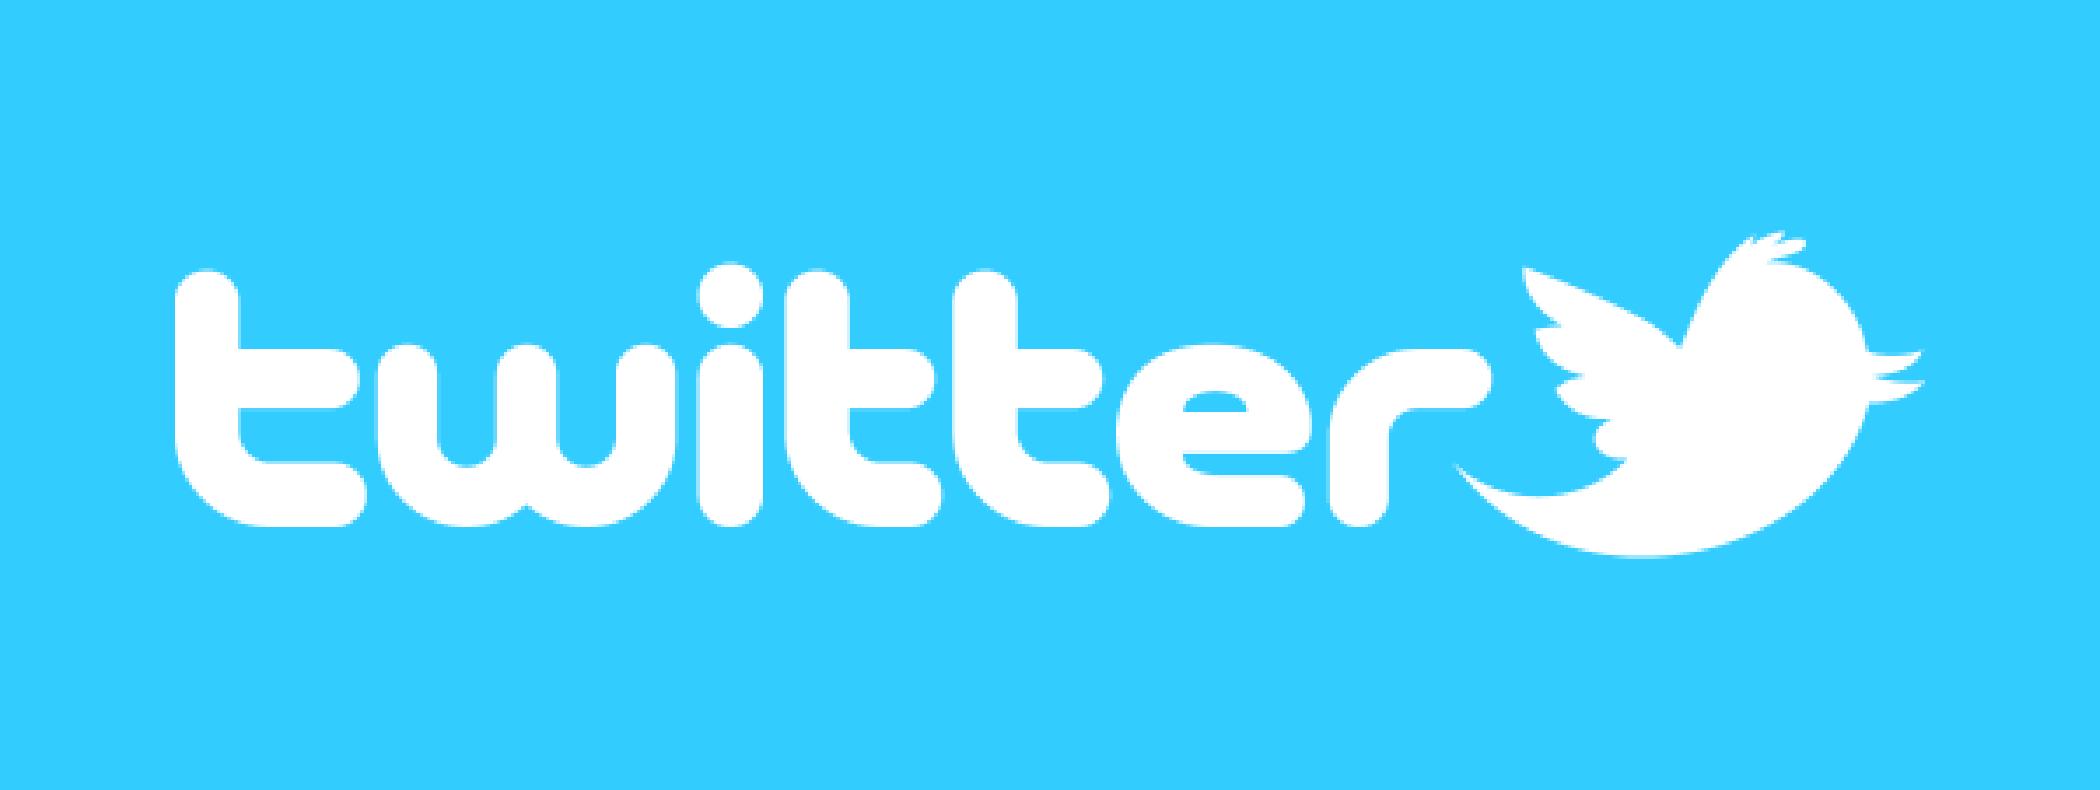 Come ottenere follower su Twitter [Tutti i trucchi] 4